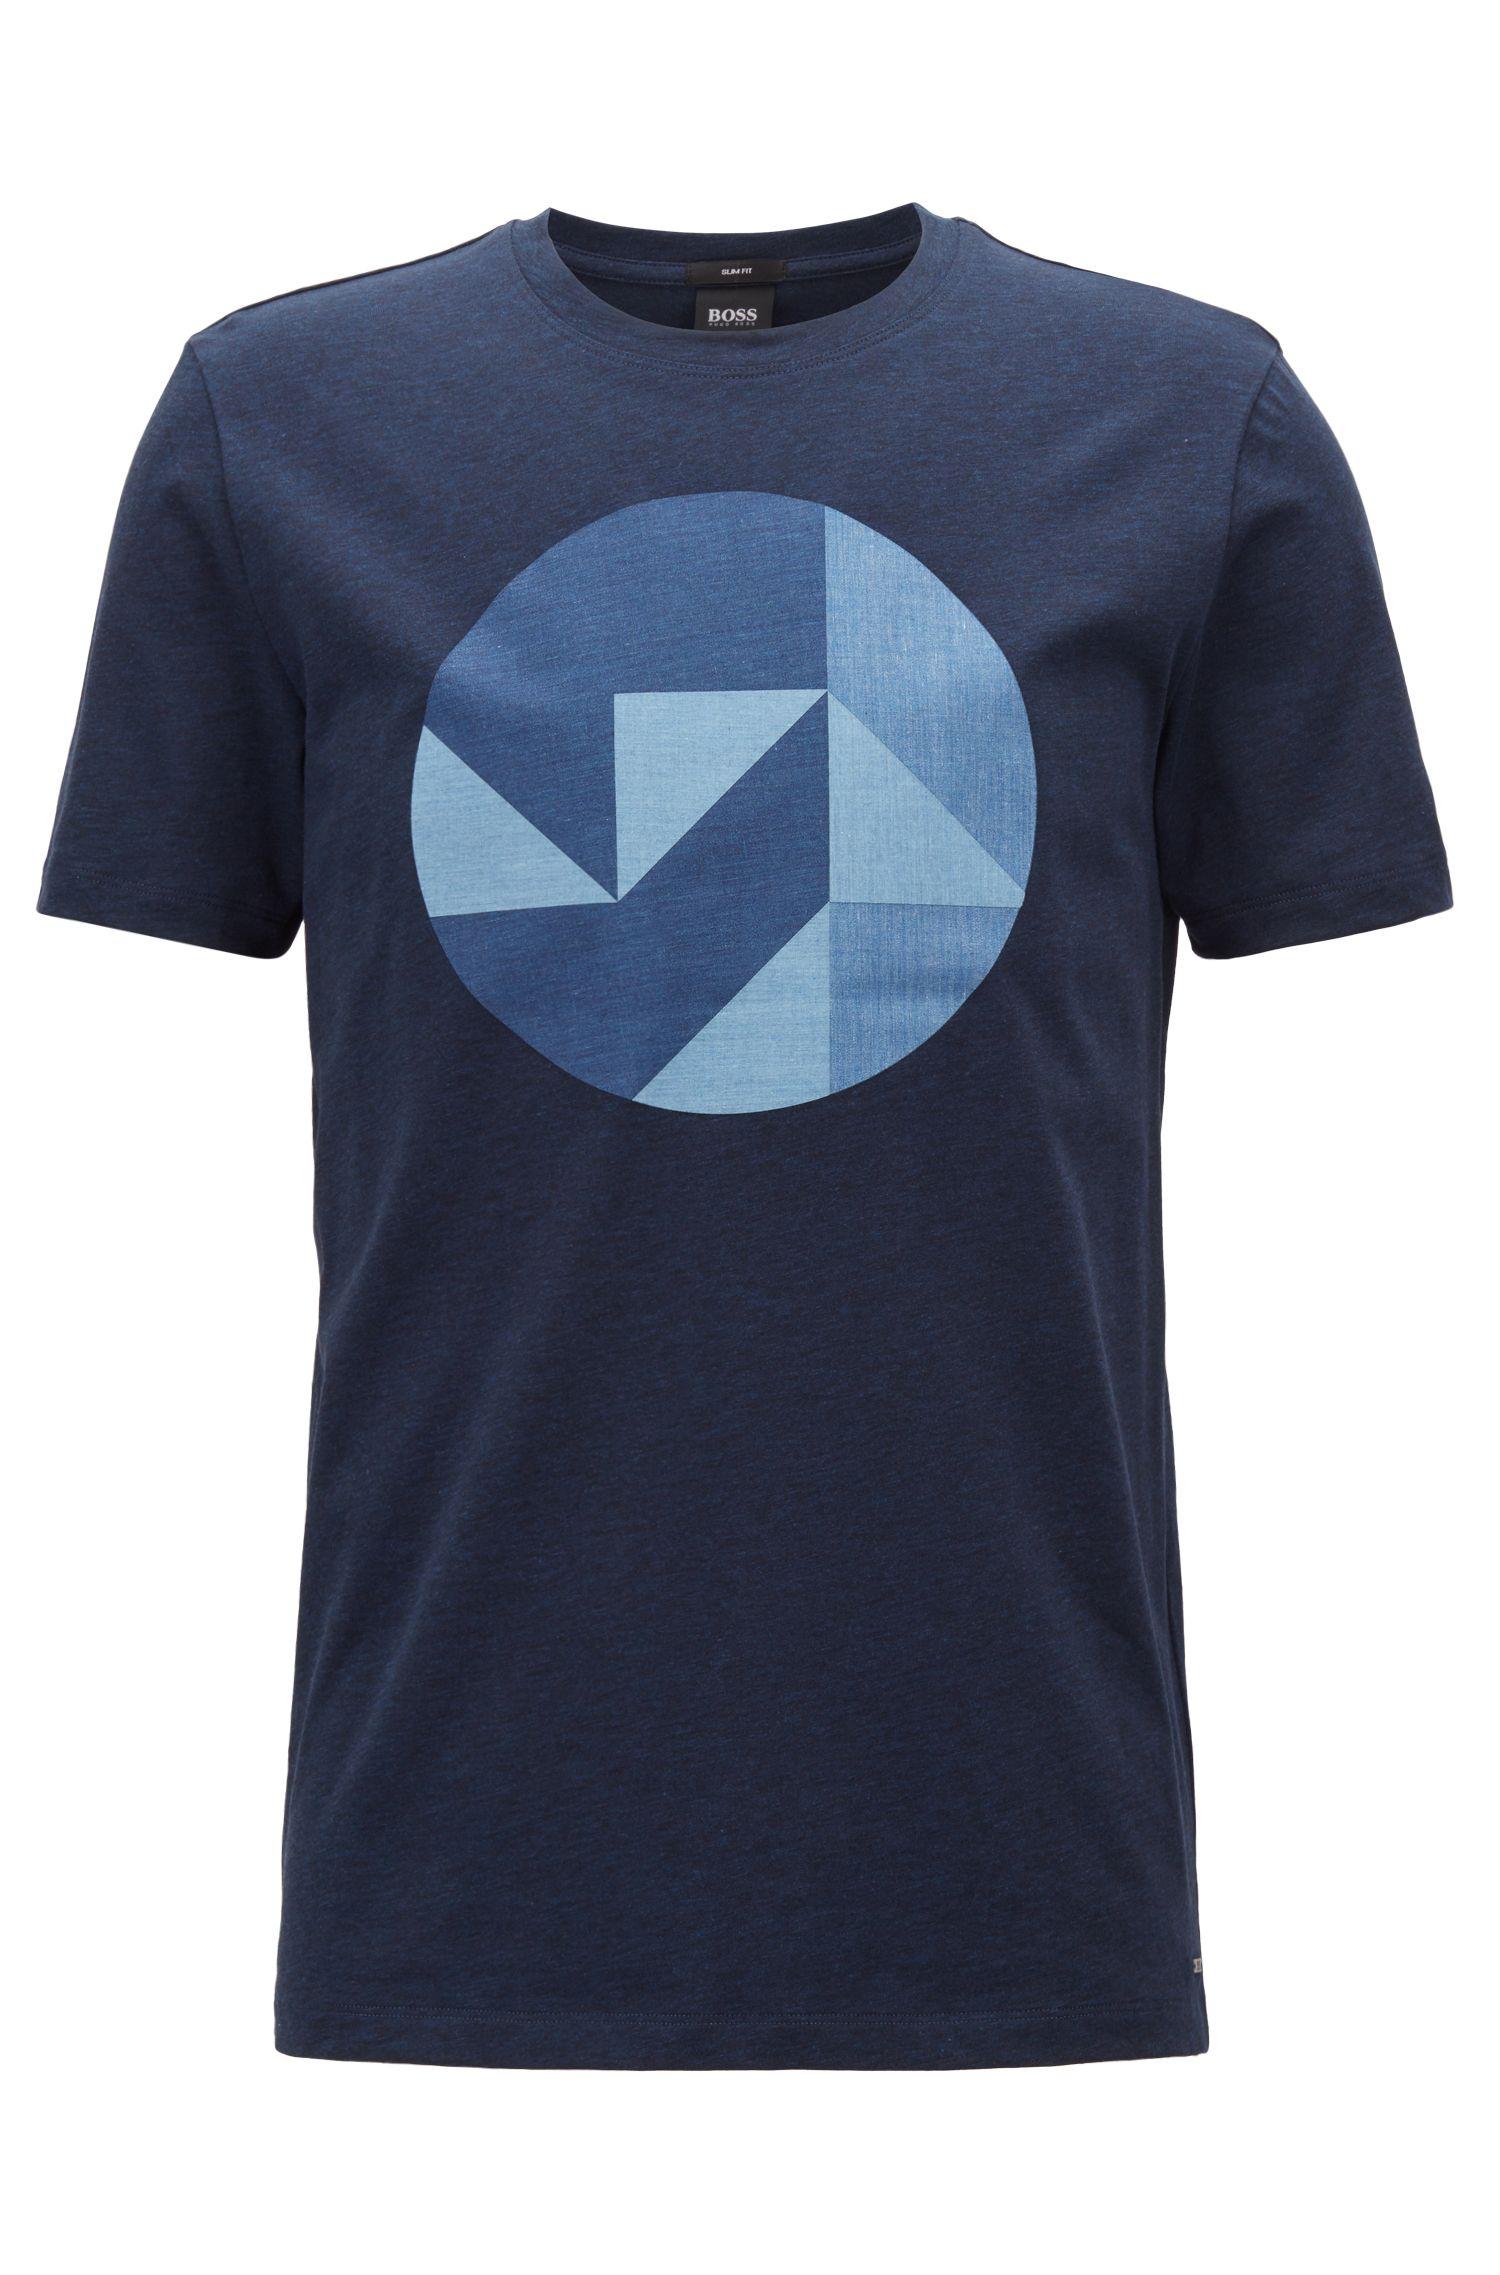 T-Shirt aus Baumwolle mit Print im Stil von Anni Albers, Dunkelblau